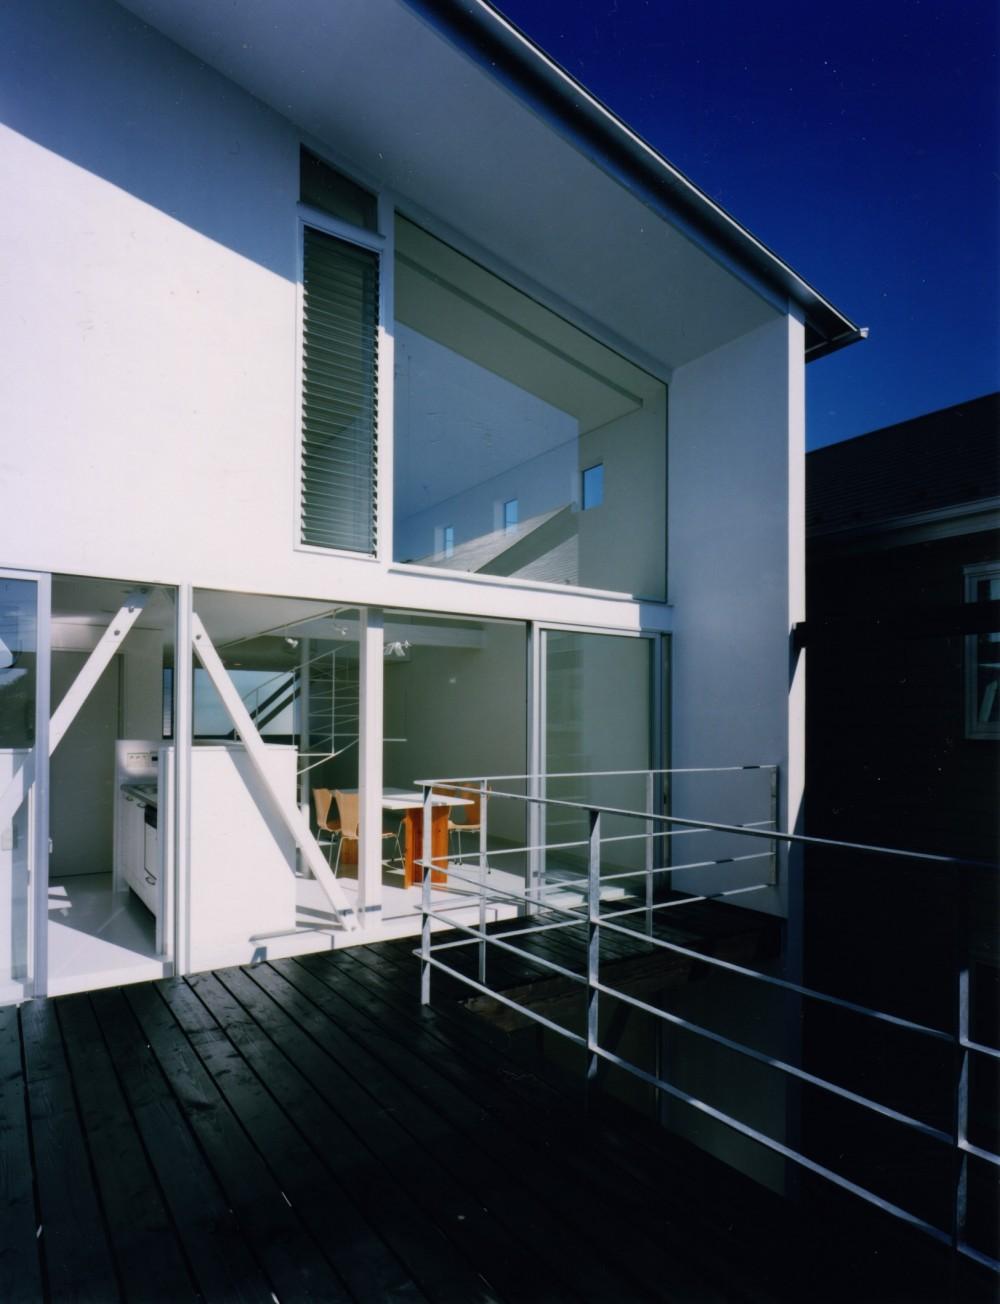 【葉山の家】  基礎の土で築山をつくり、立体的な庭園を生む (ウッドデッキ)